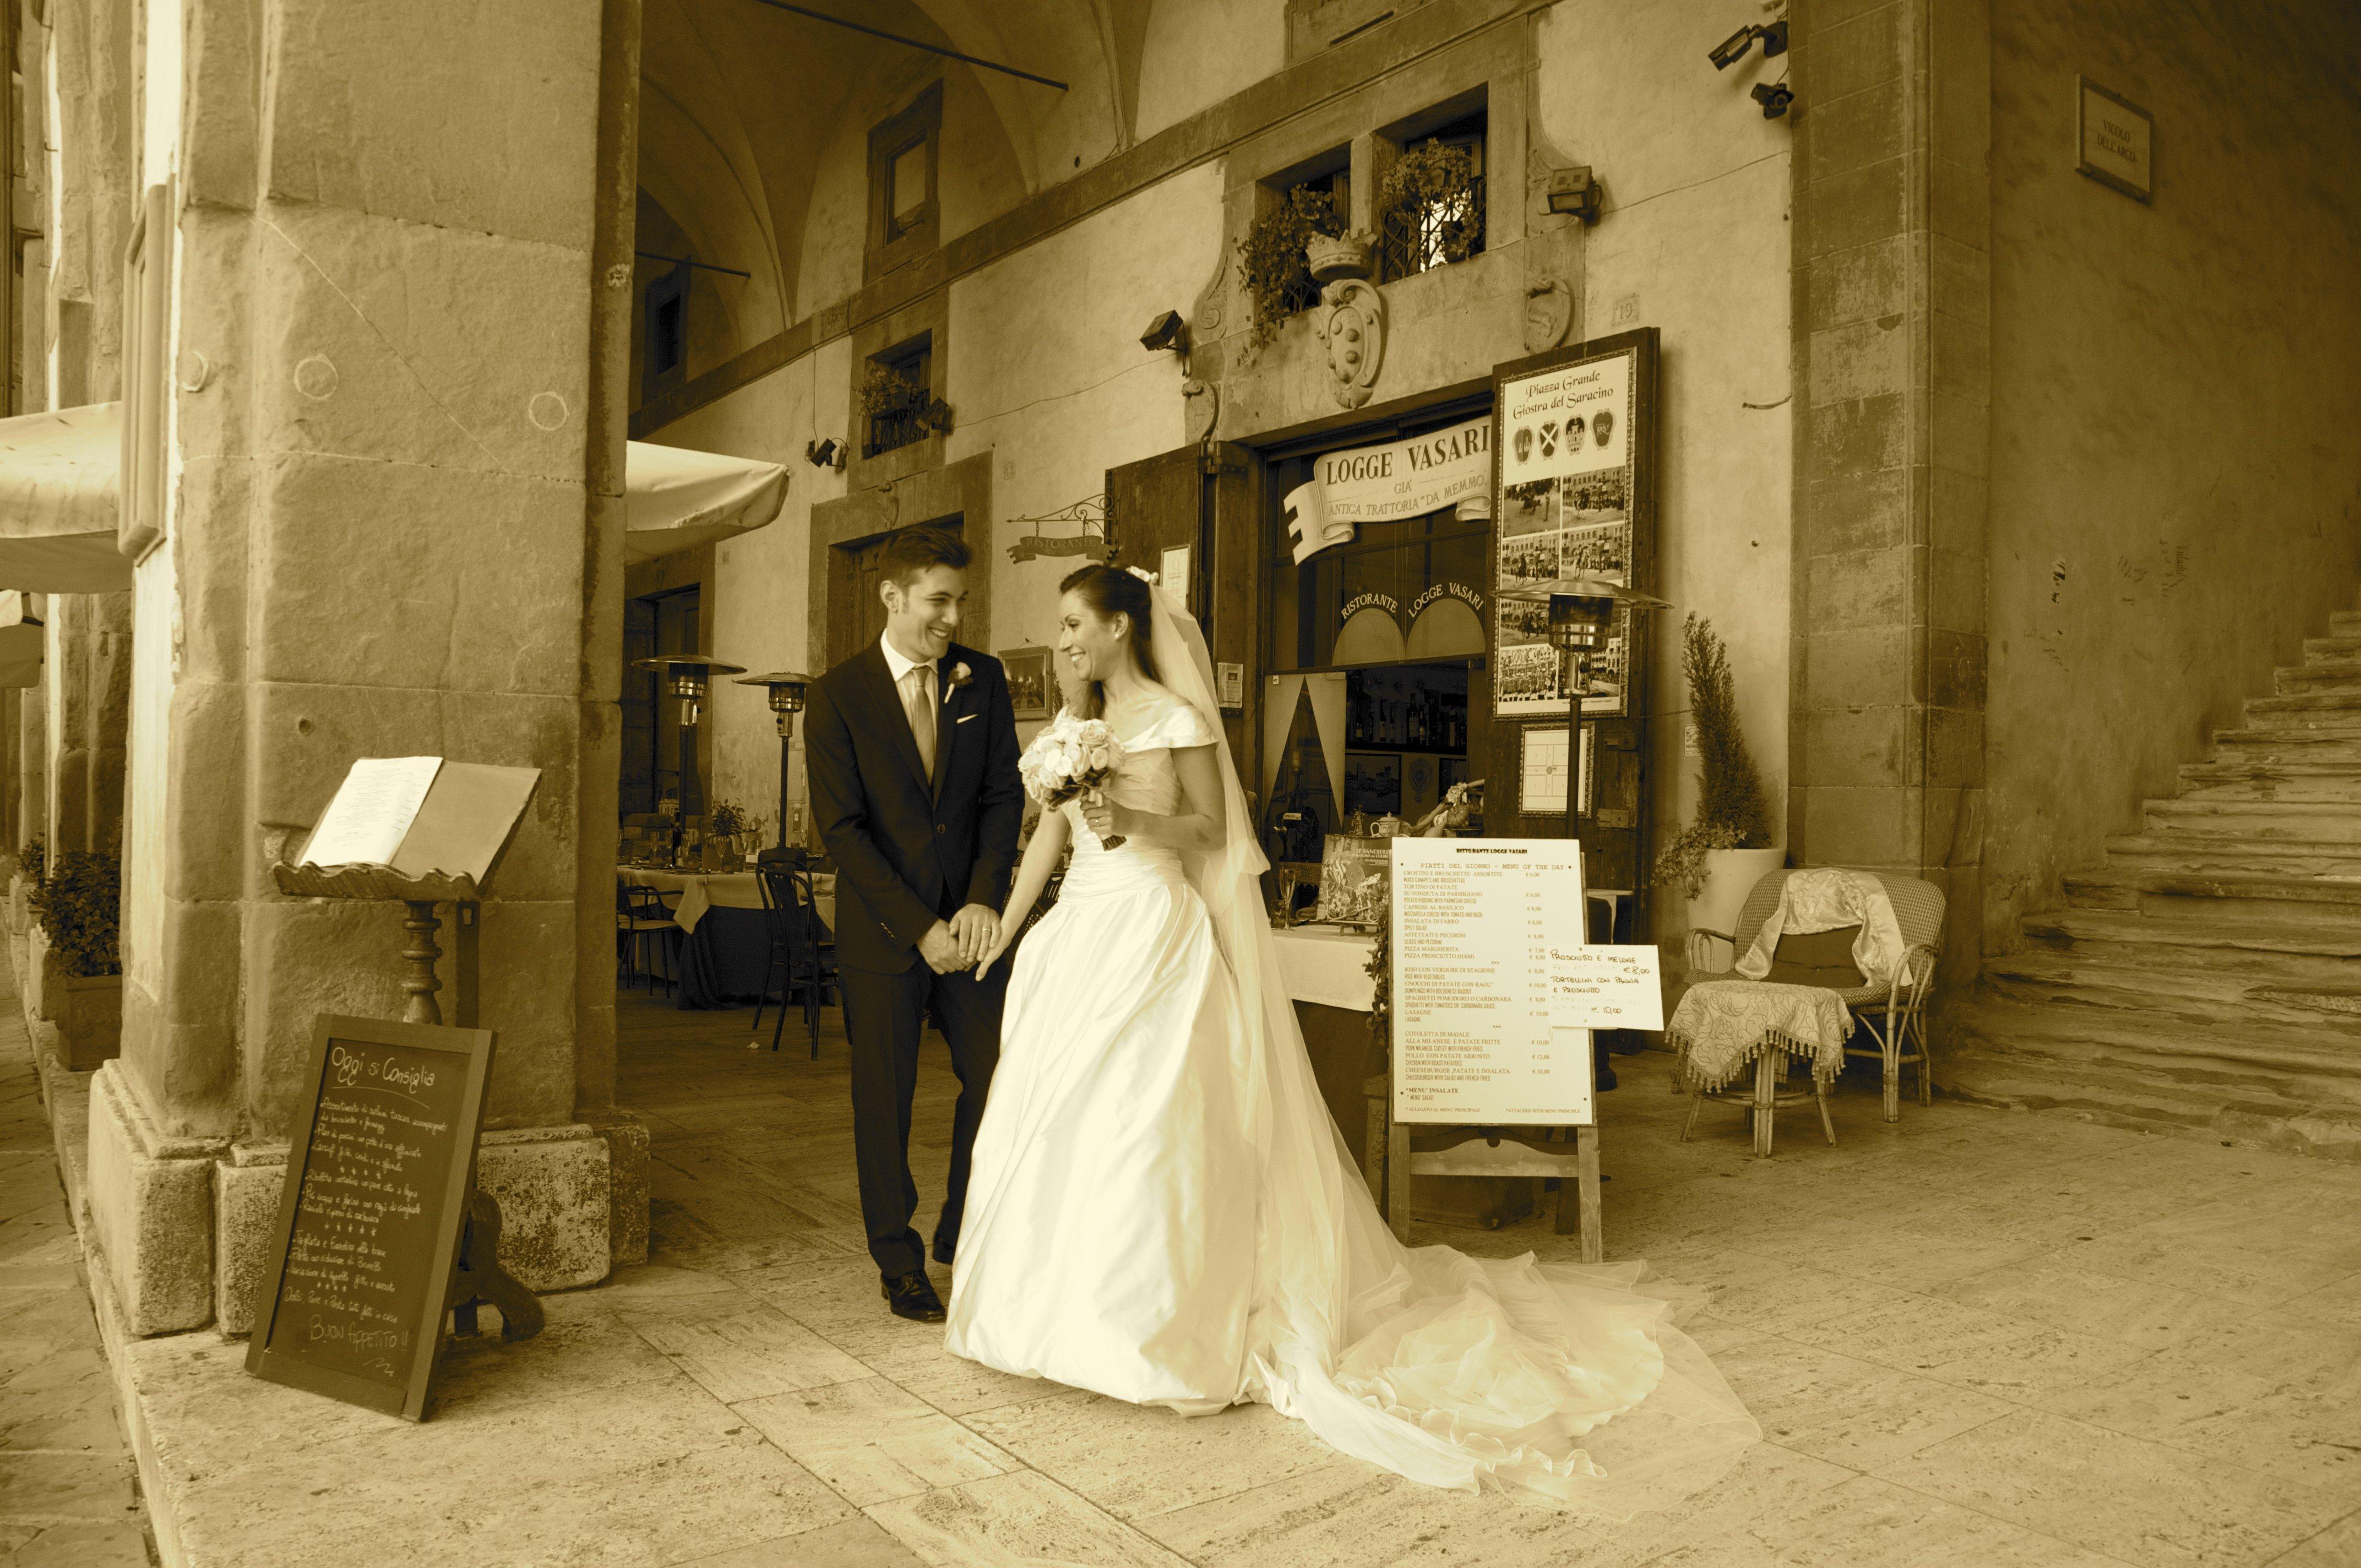 Foto di color seppia di sposi all'esterno di un negozio